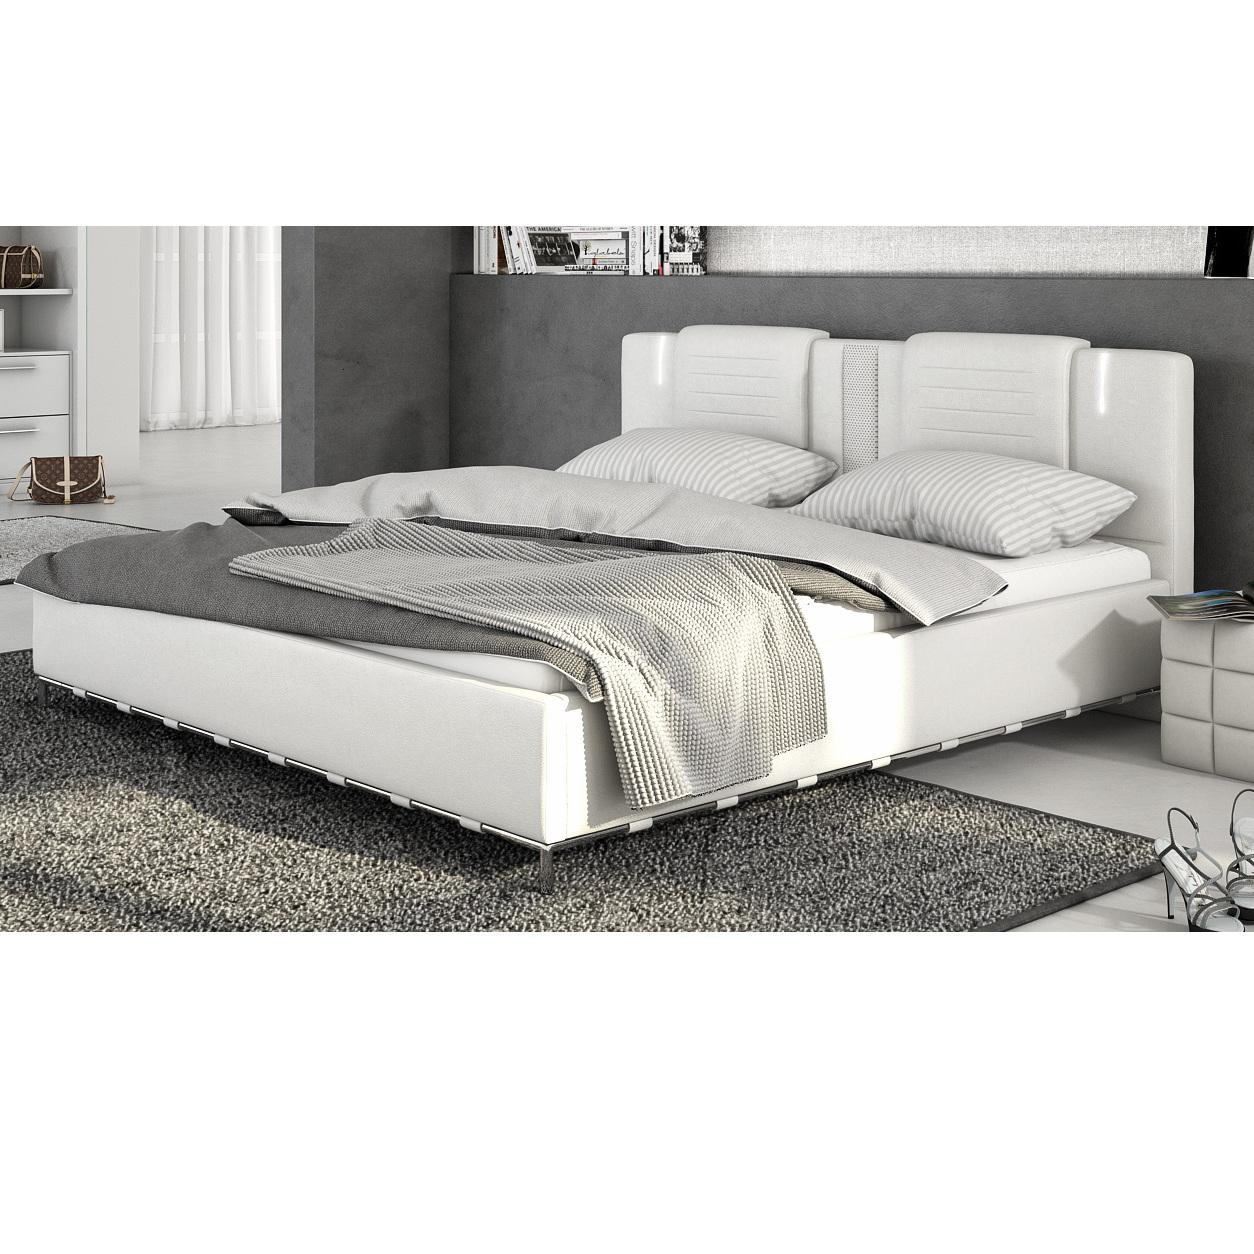 Full Size of Innocent Betten Designerbett 180x200 Led Bett Doppelbett Polsterbett Mit Aufbewahrung Gebrauchte Joop Billige Schöne Bei Ikea Für übergewichtige Ruf Bett Innocent Betten